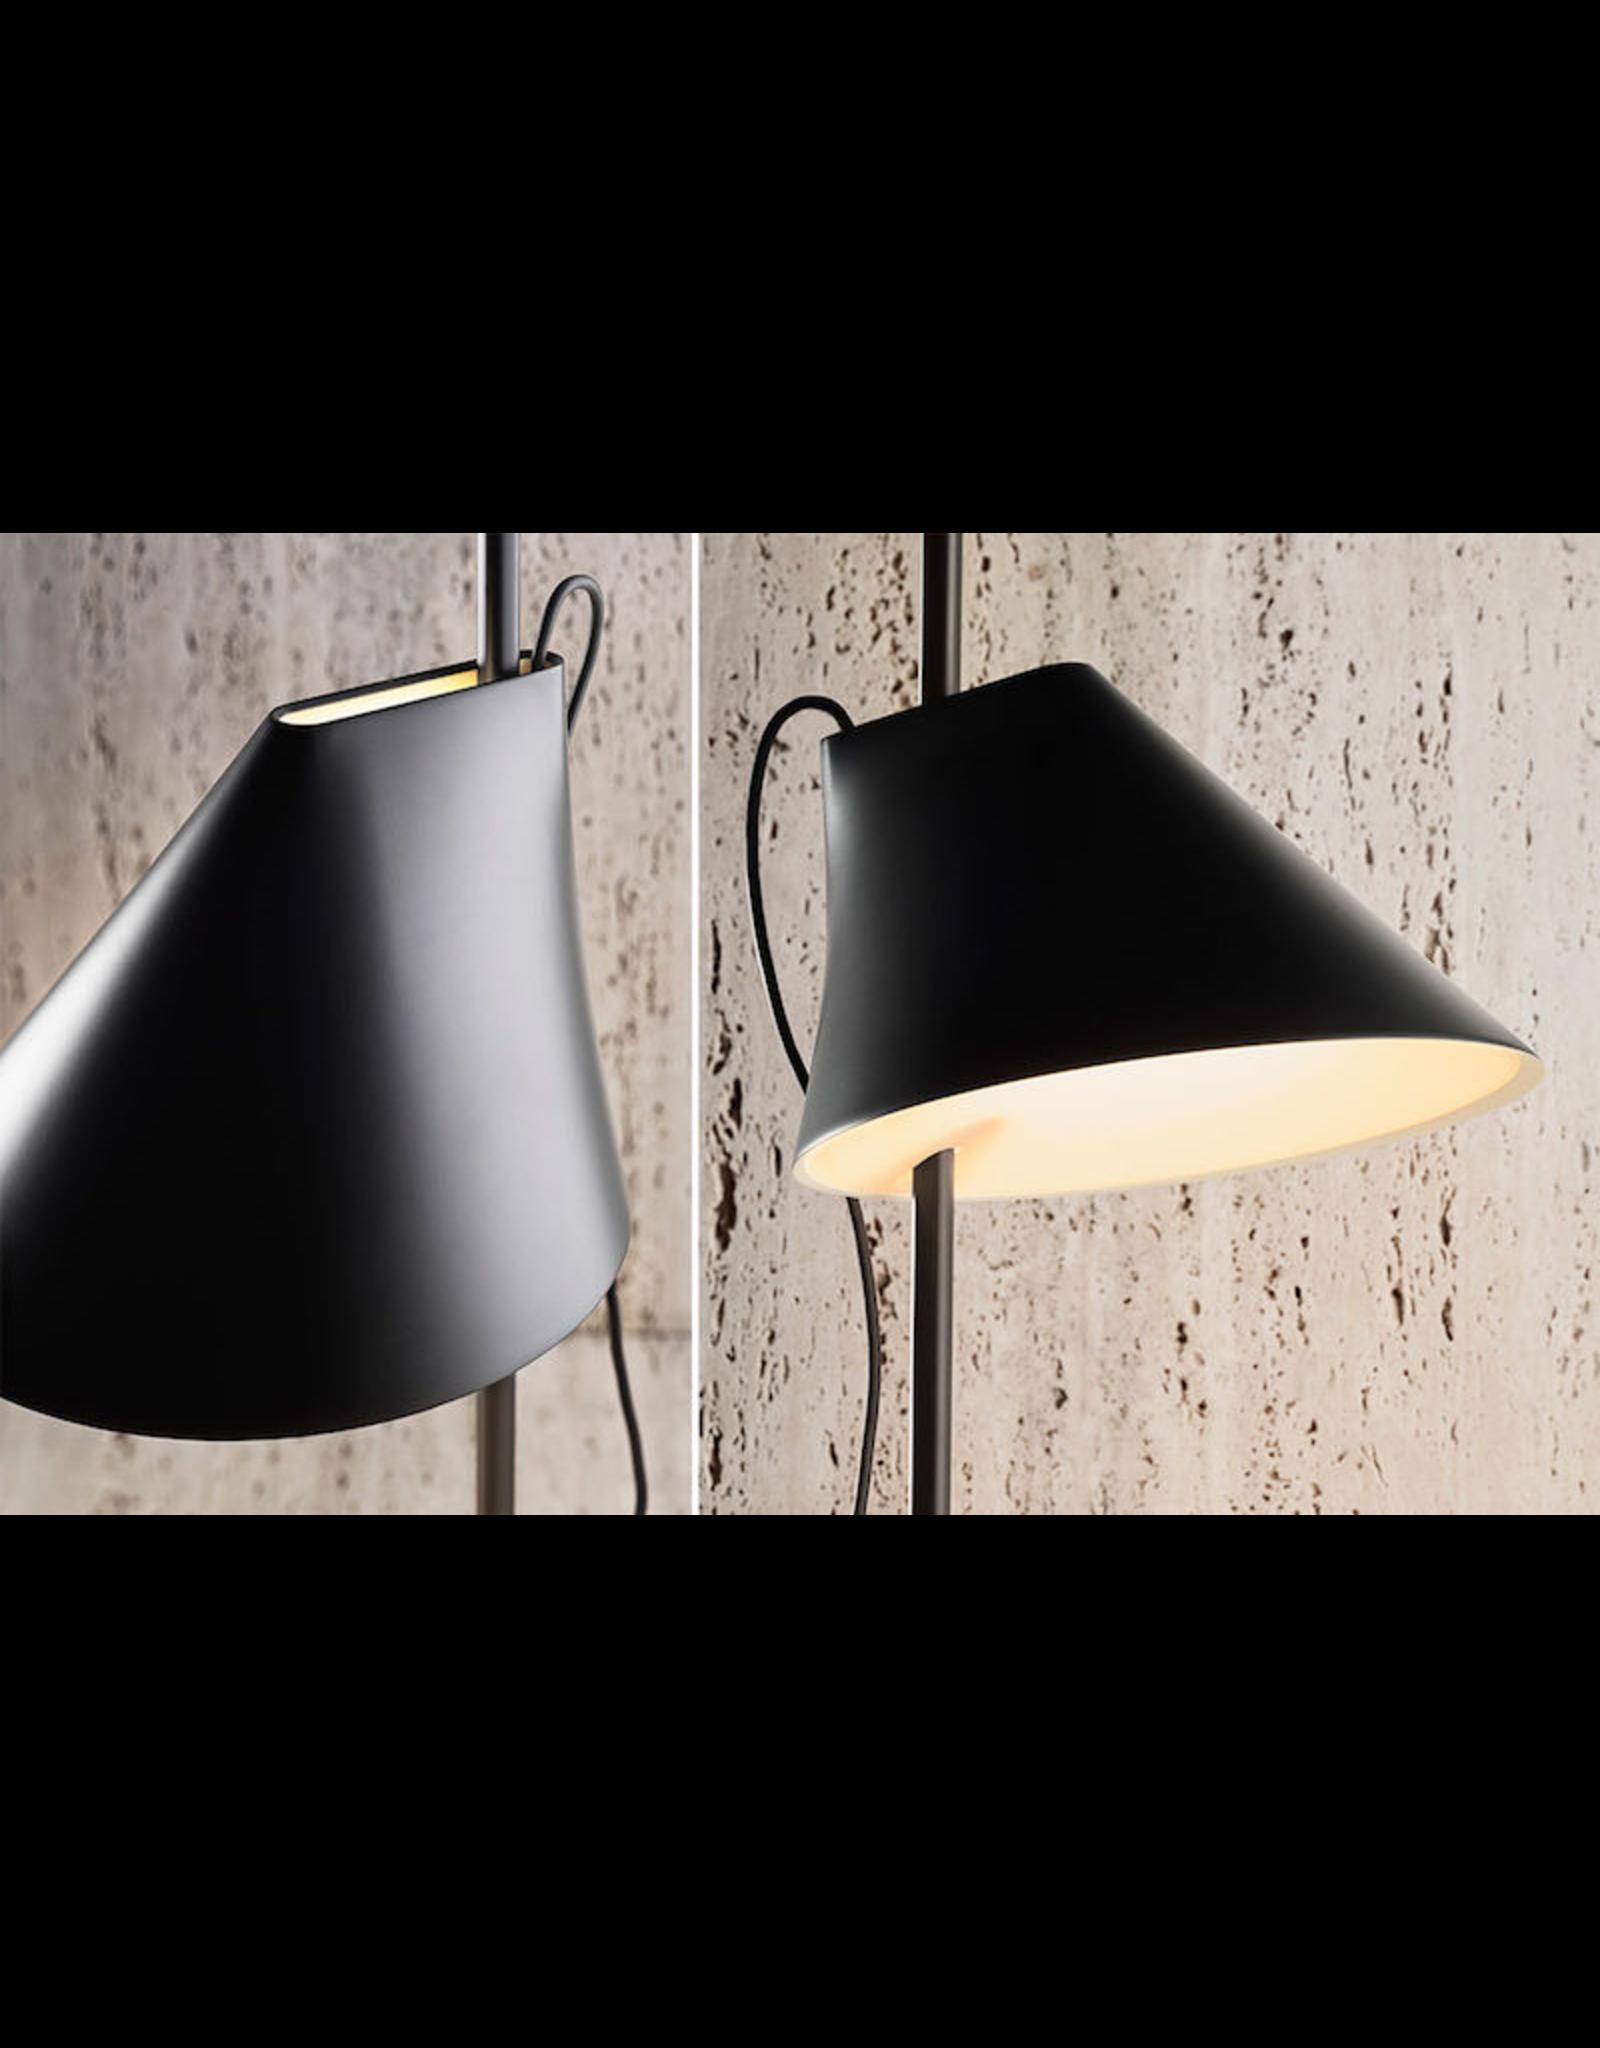 LOUIS POULSEN YUH LED FLOOR LAMP